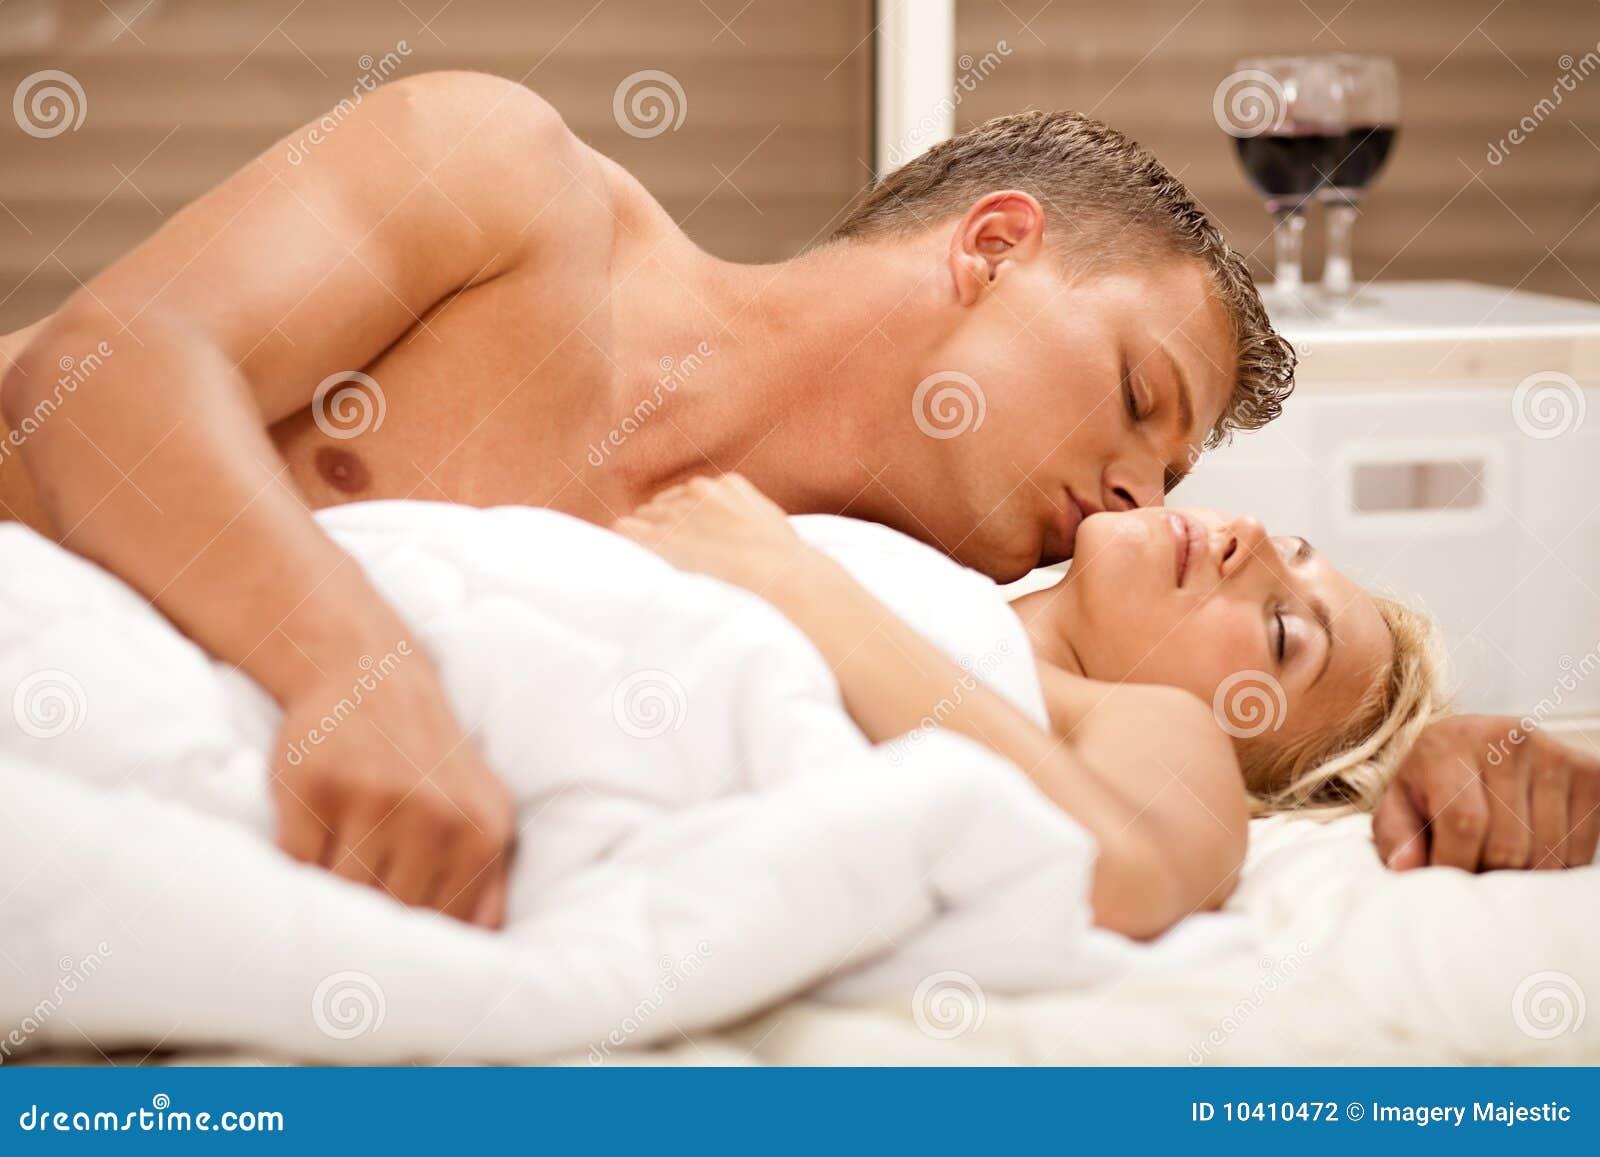 Секс в постеле домашний, Муж и жена в постели снимают домашнее порно 24 фотография